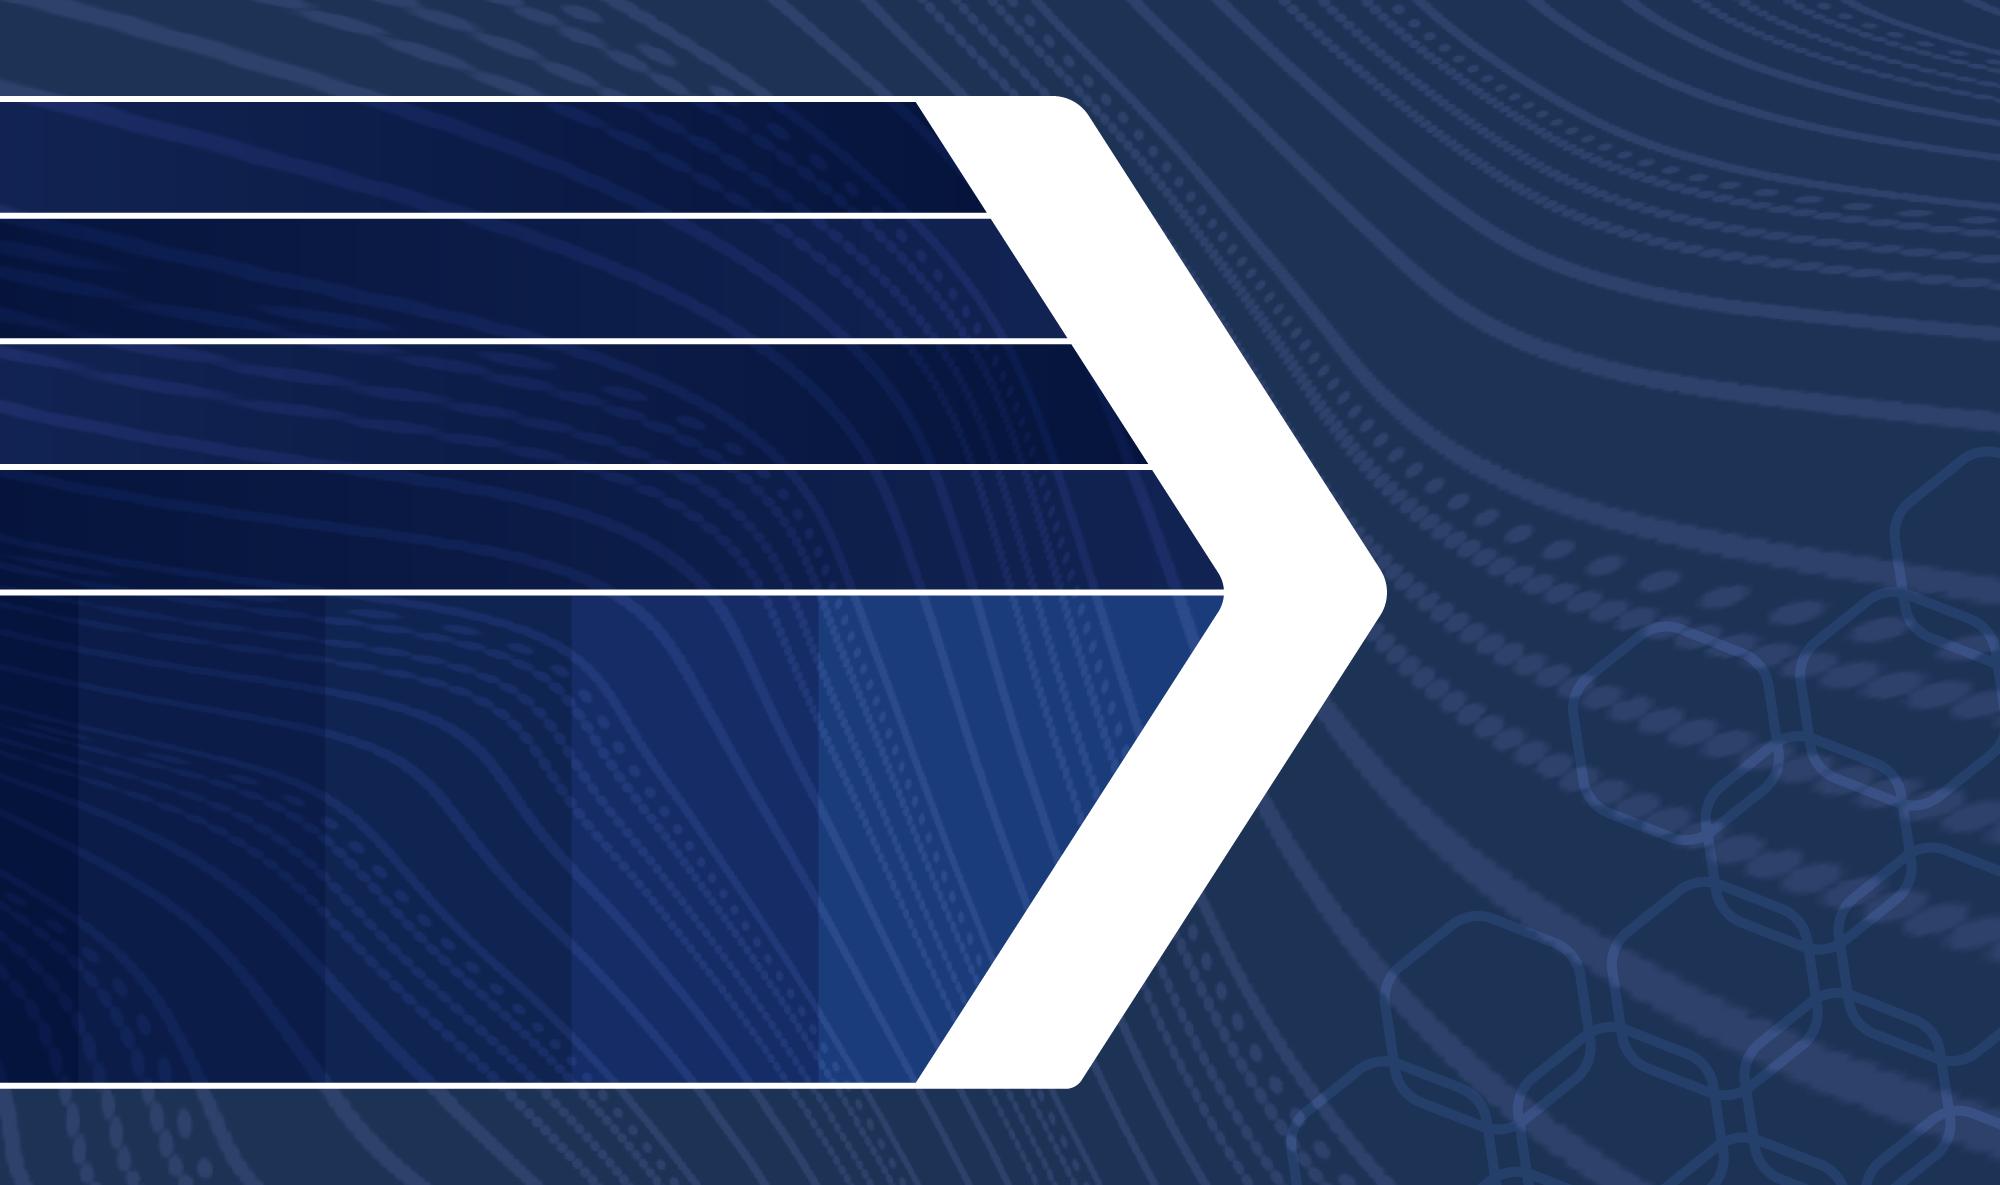 Il Lean Six Sigma e layout produttivo